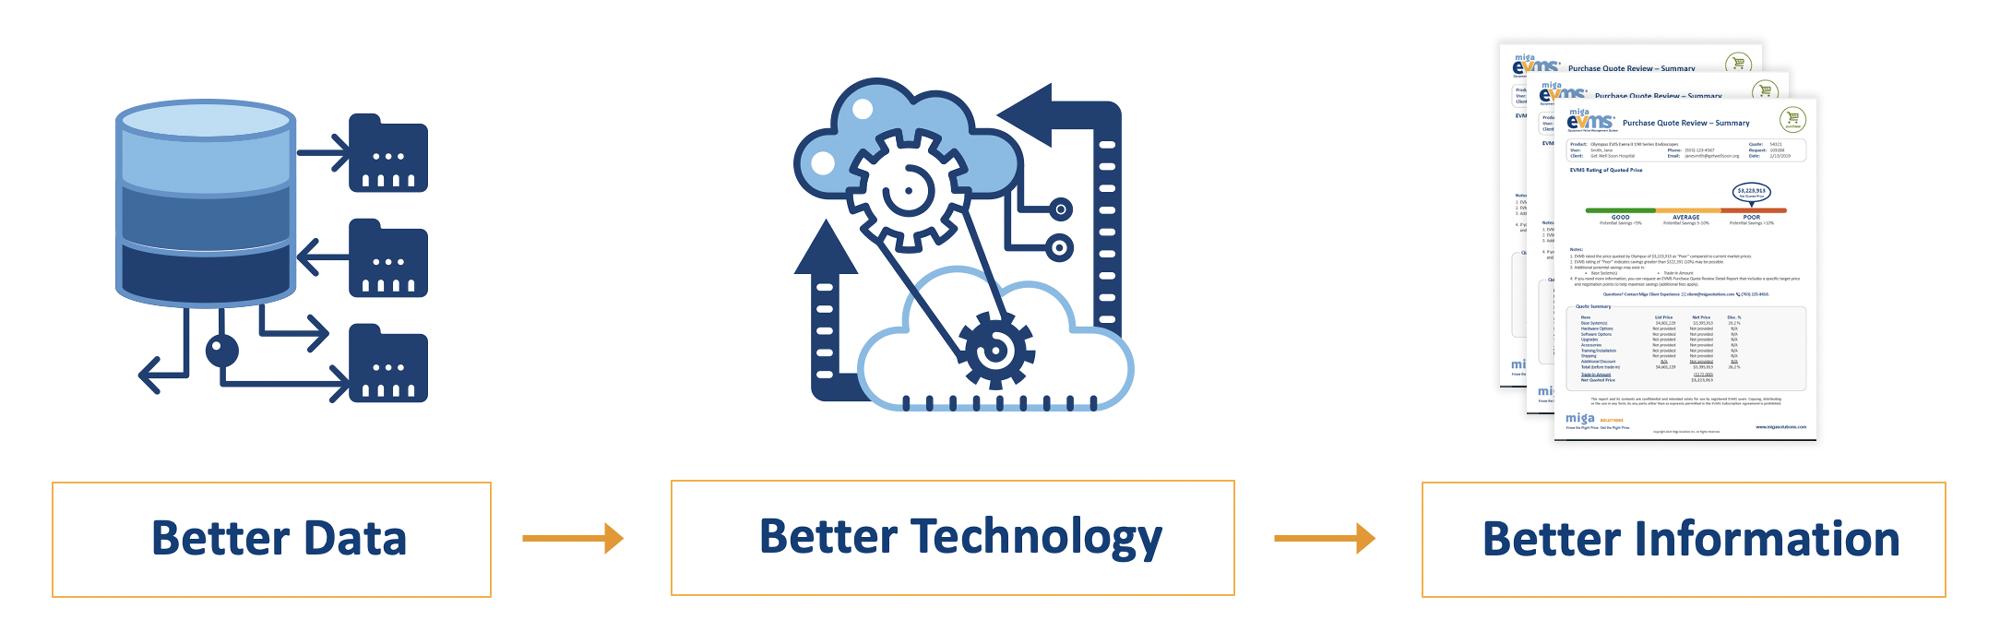 Better data. better tech. Better information.